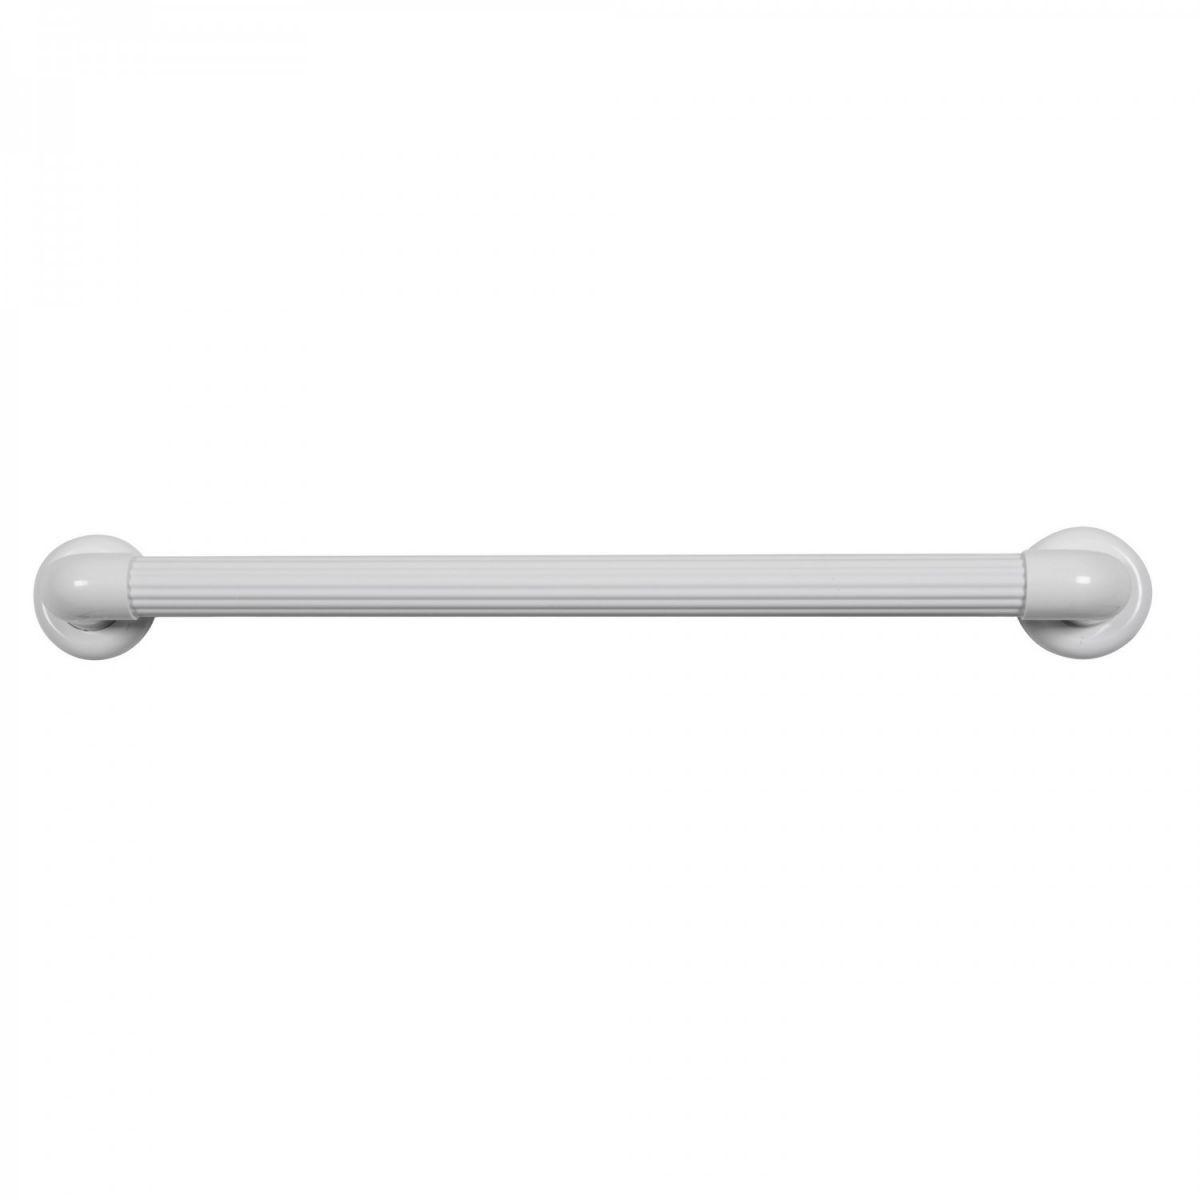 Barra de Apoio para Banheiro e Acessibilidade PVC até 150KG Astra 50cm